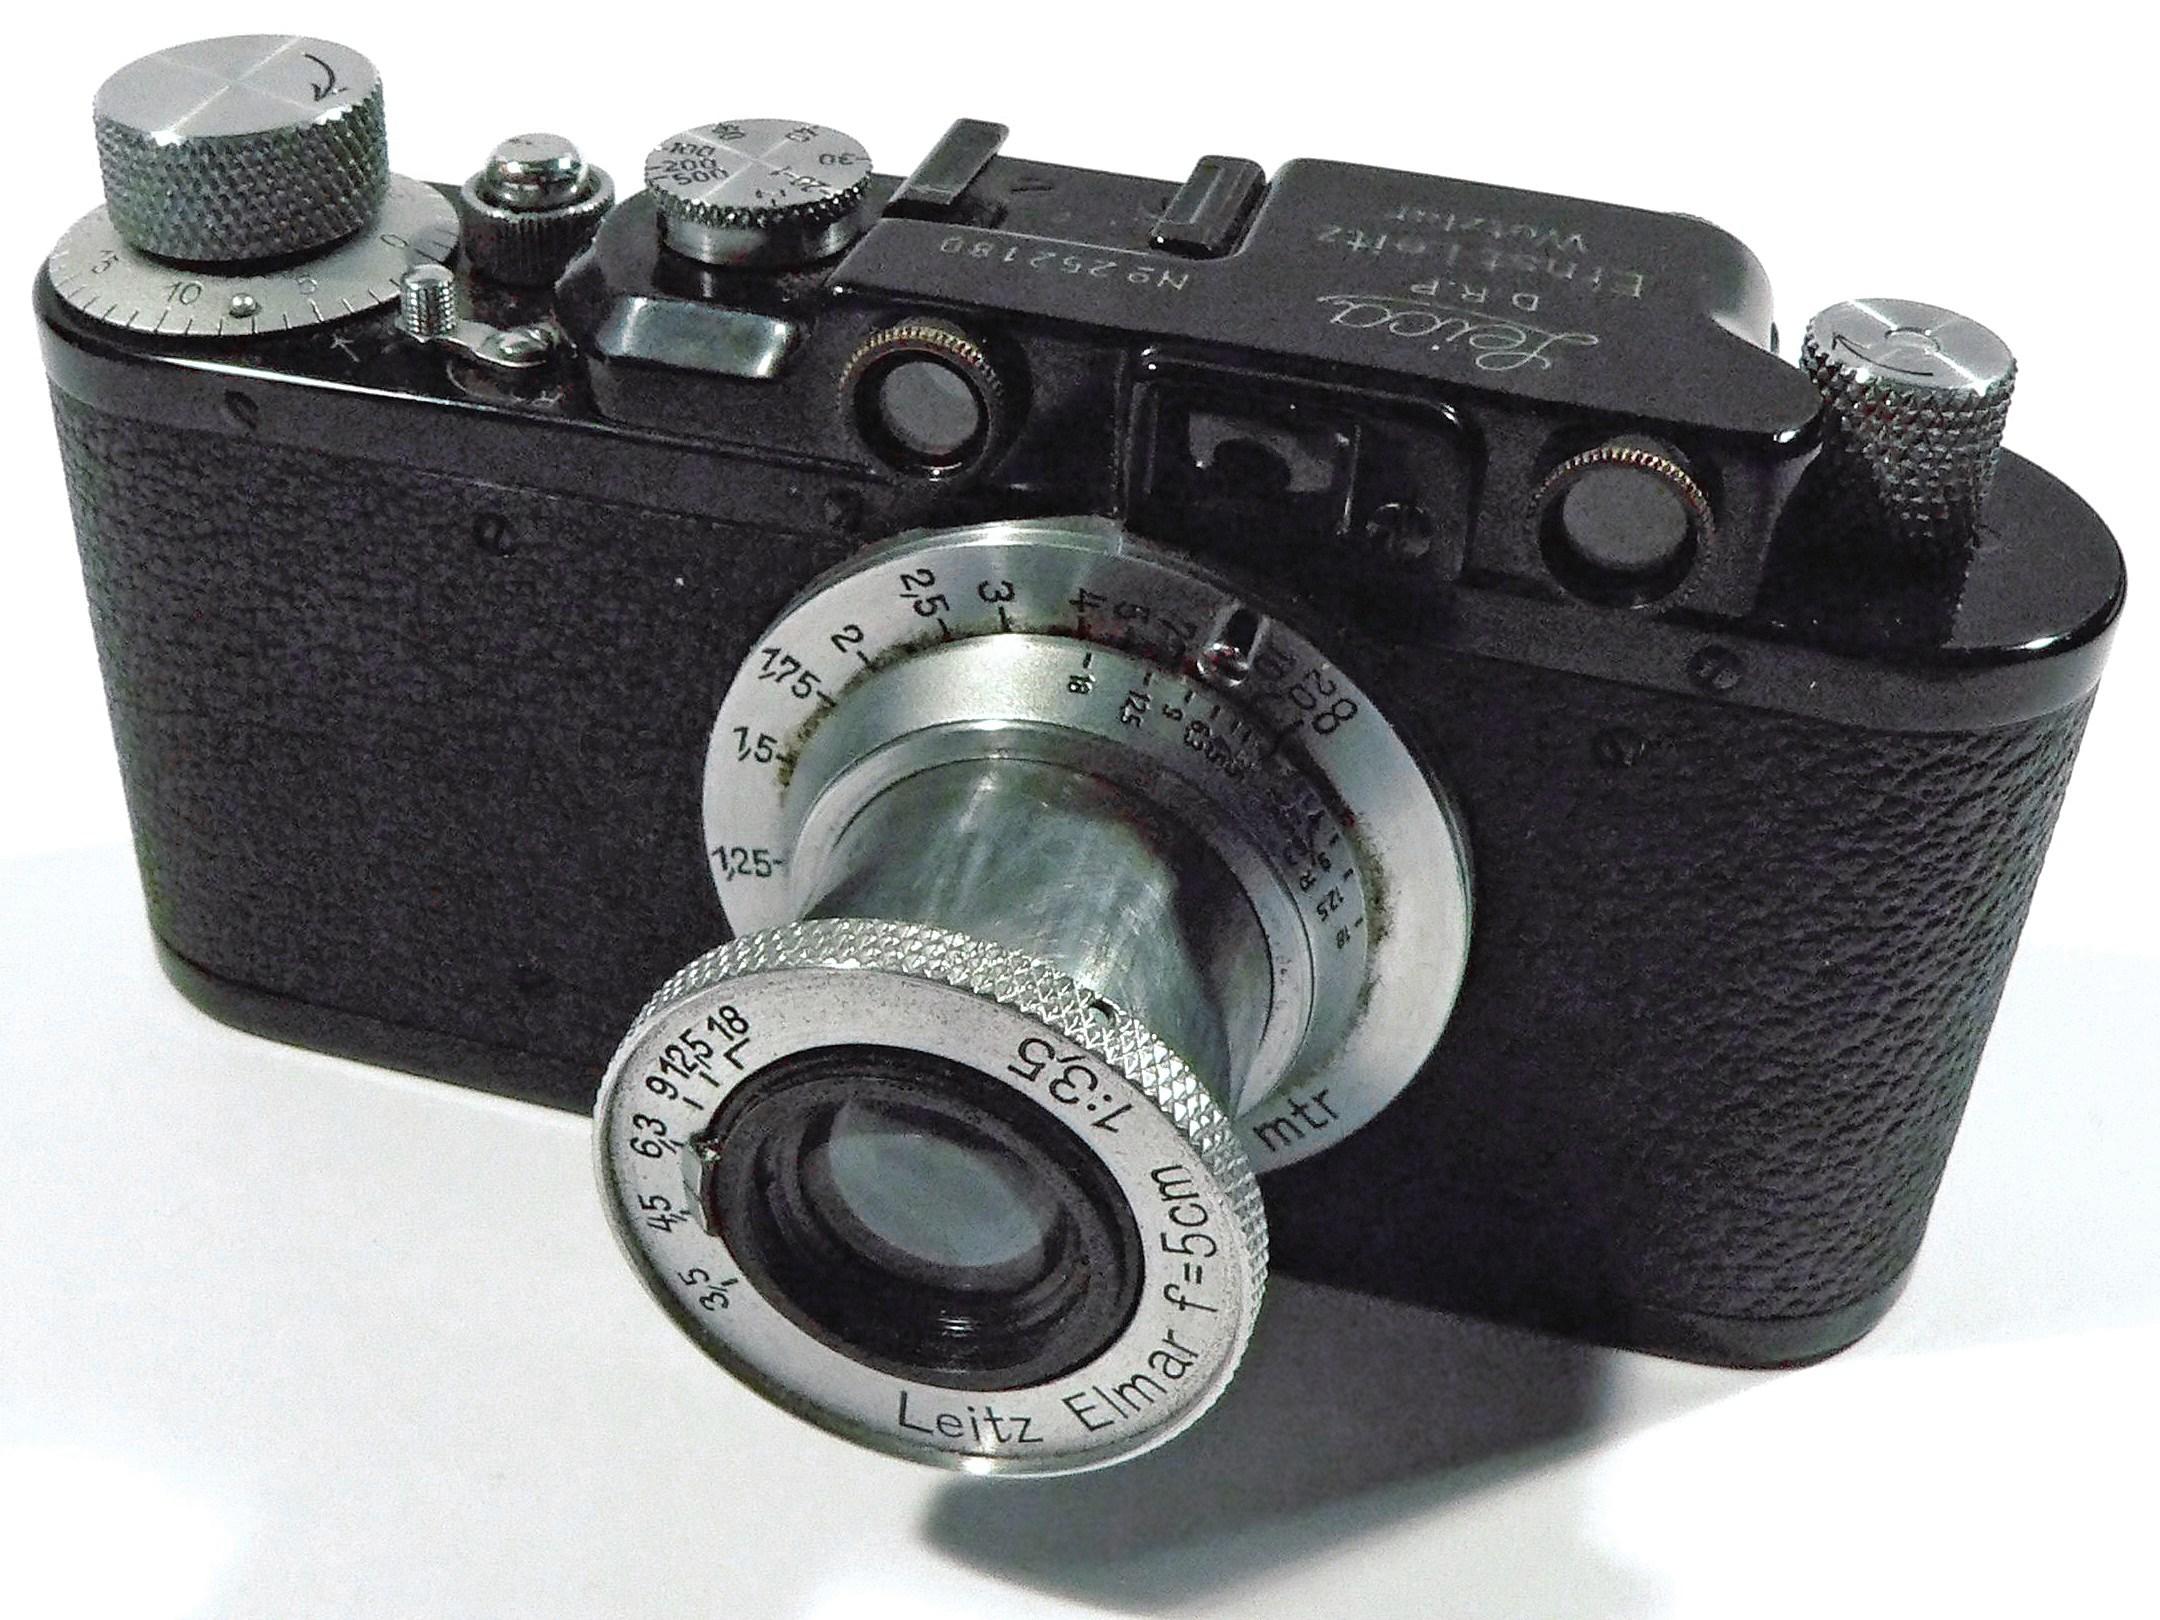 Leica-II-Camera-1932 cropped.jpg